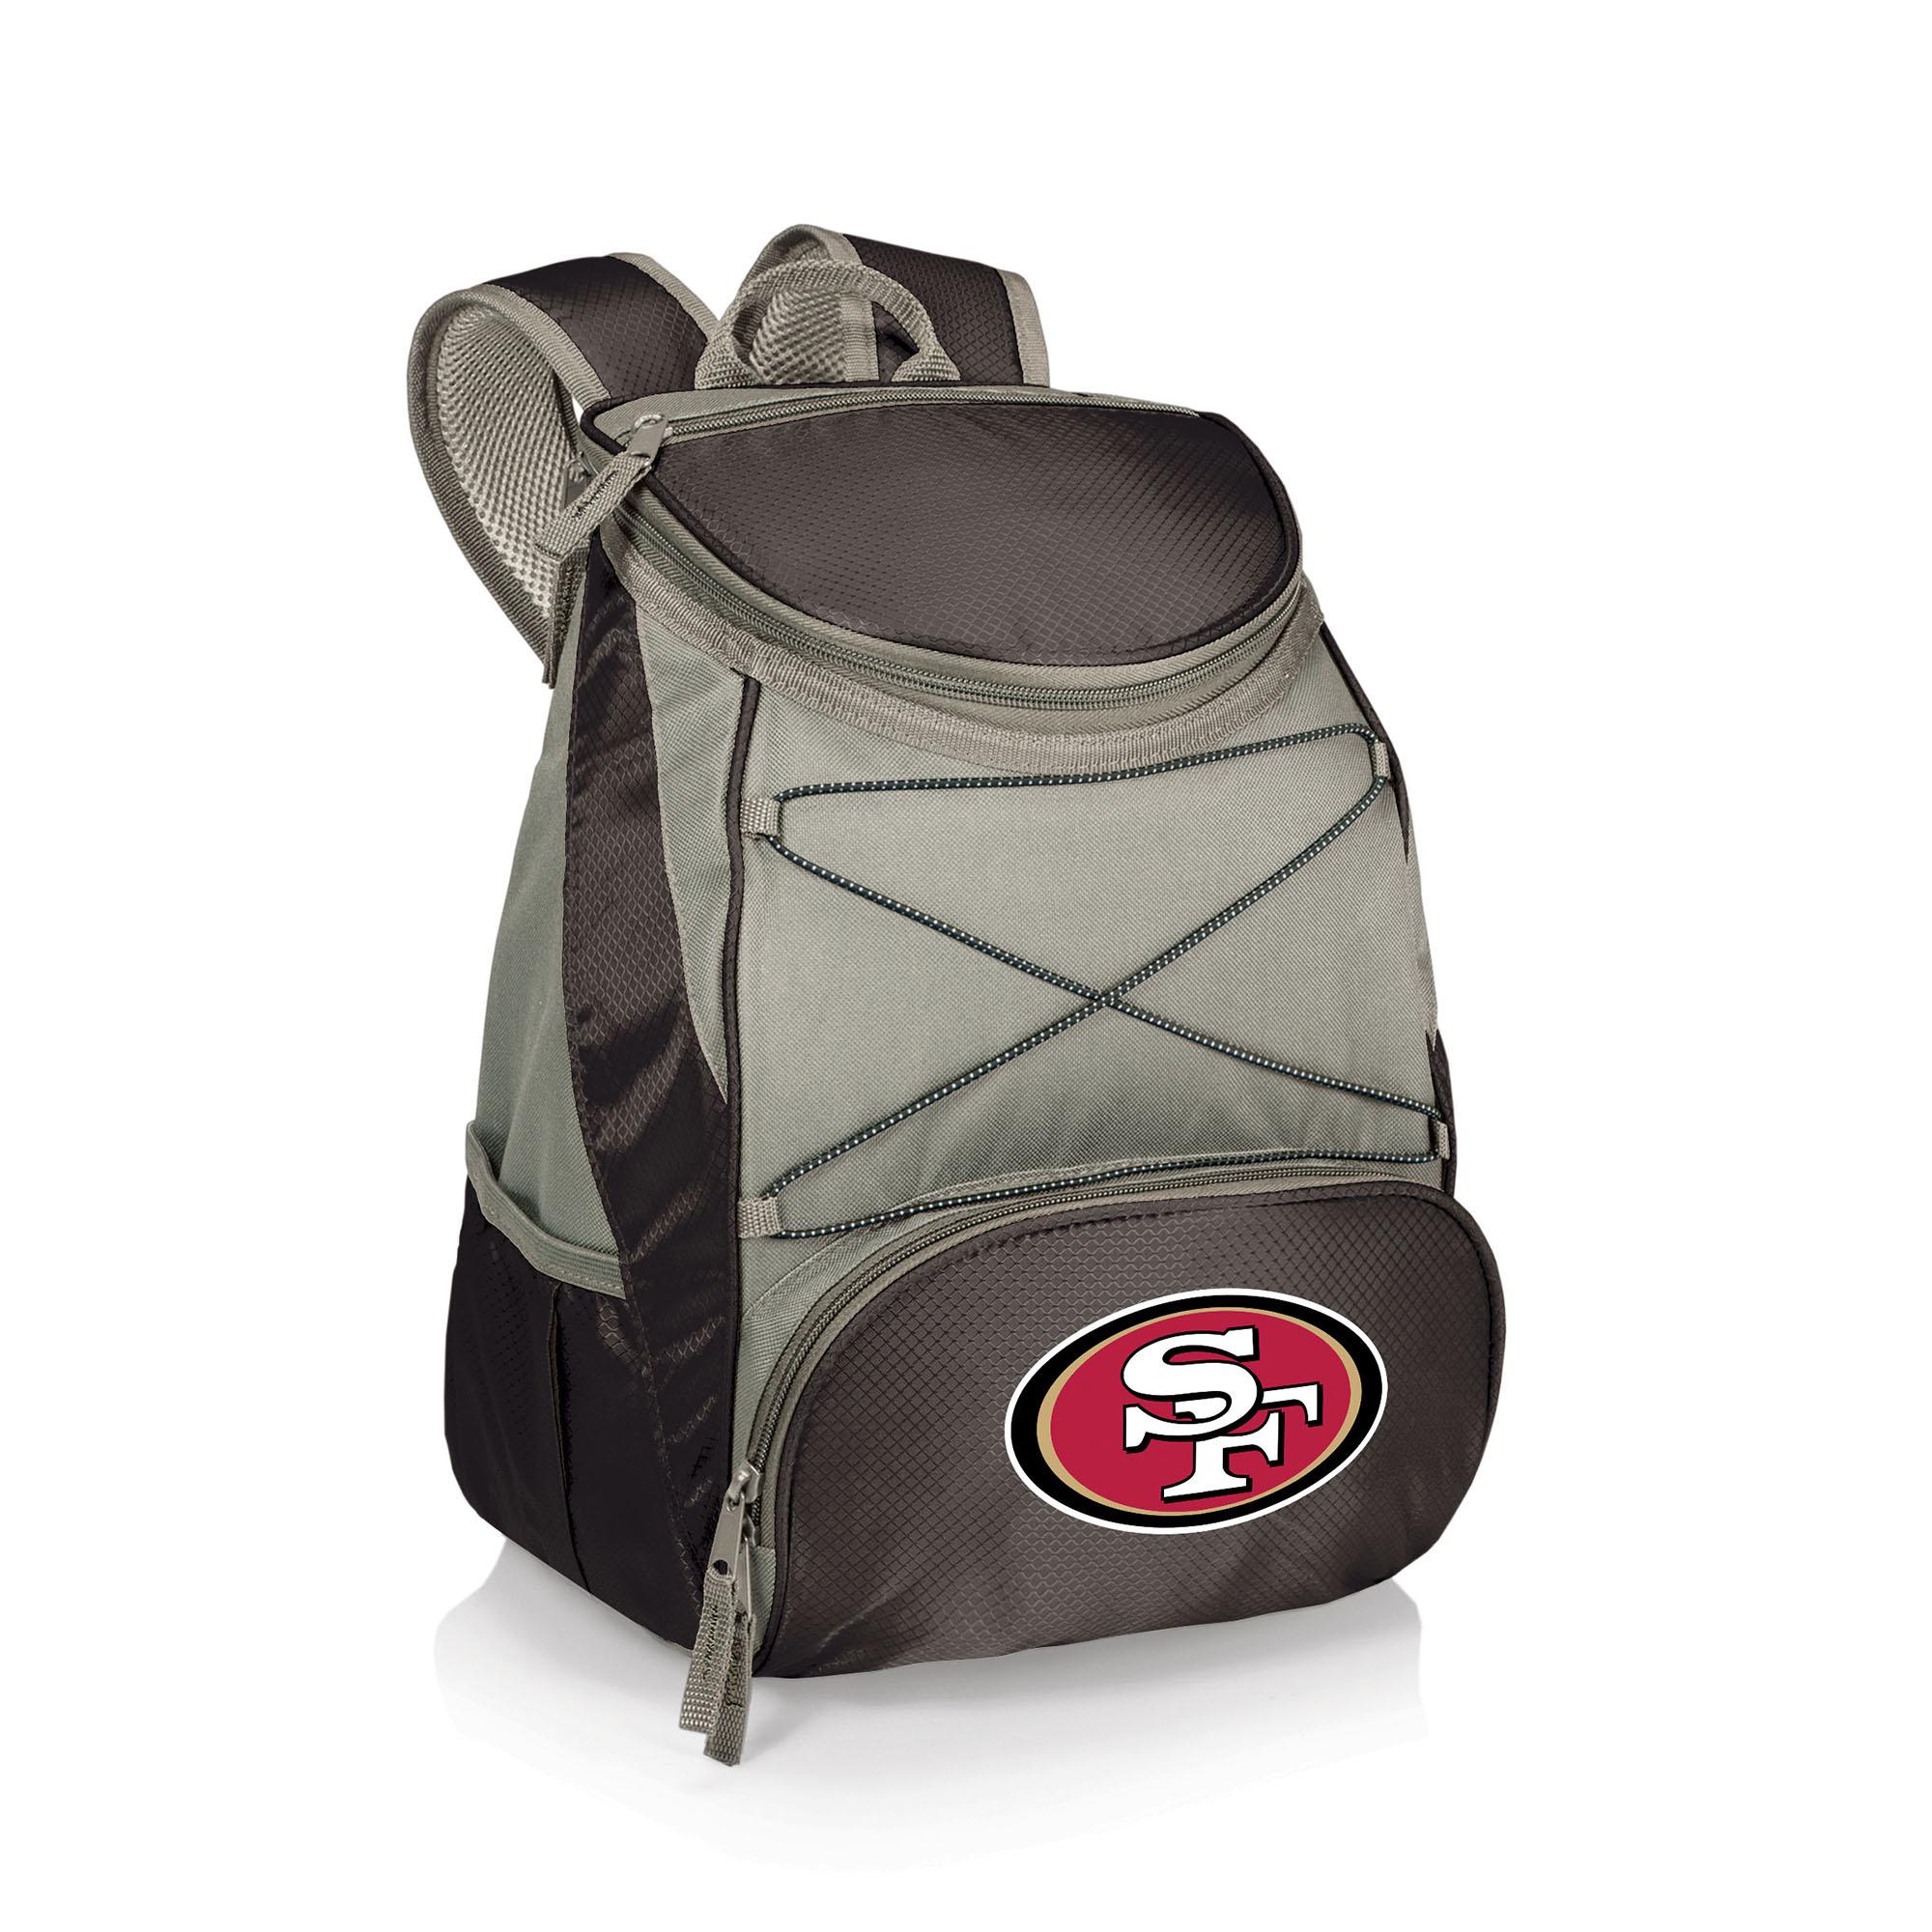 San Francisco 49ers PTX Backpack Cooler - Black - No Size